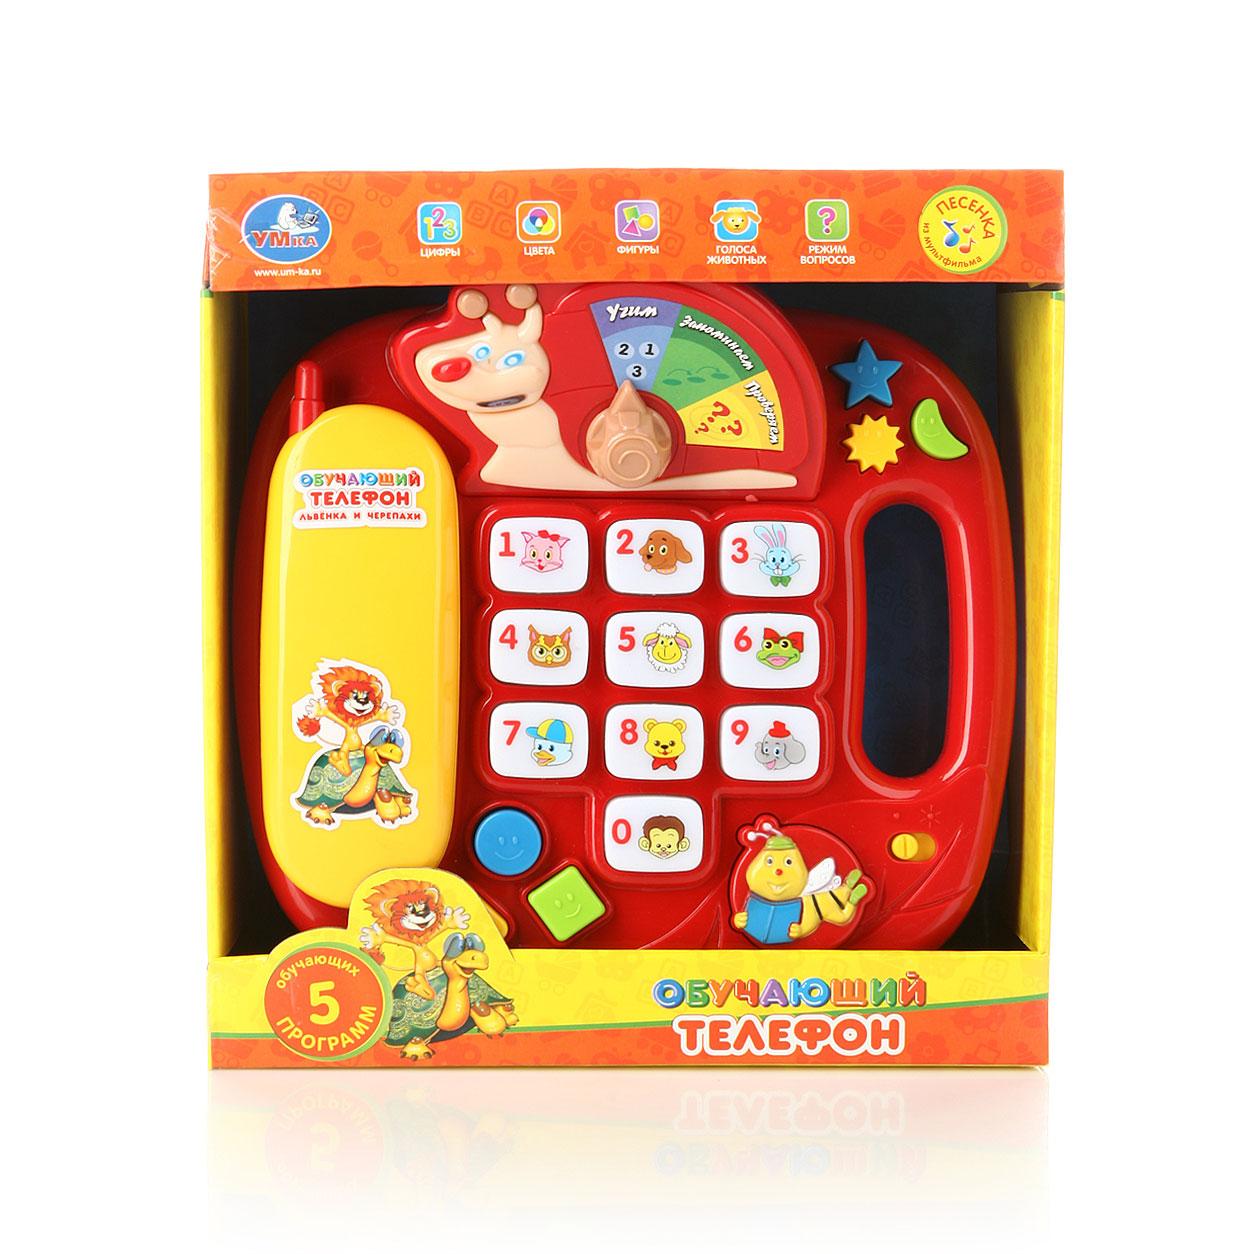 Развивающая игрушка Умка Львенок и Черепаха обучающий телефон